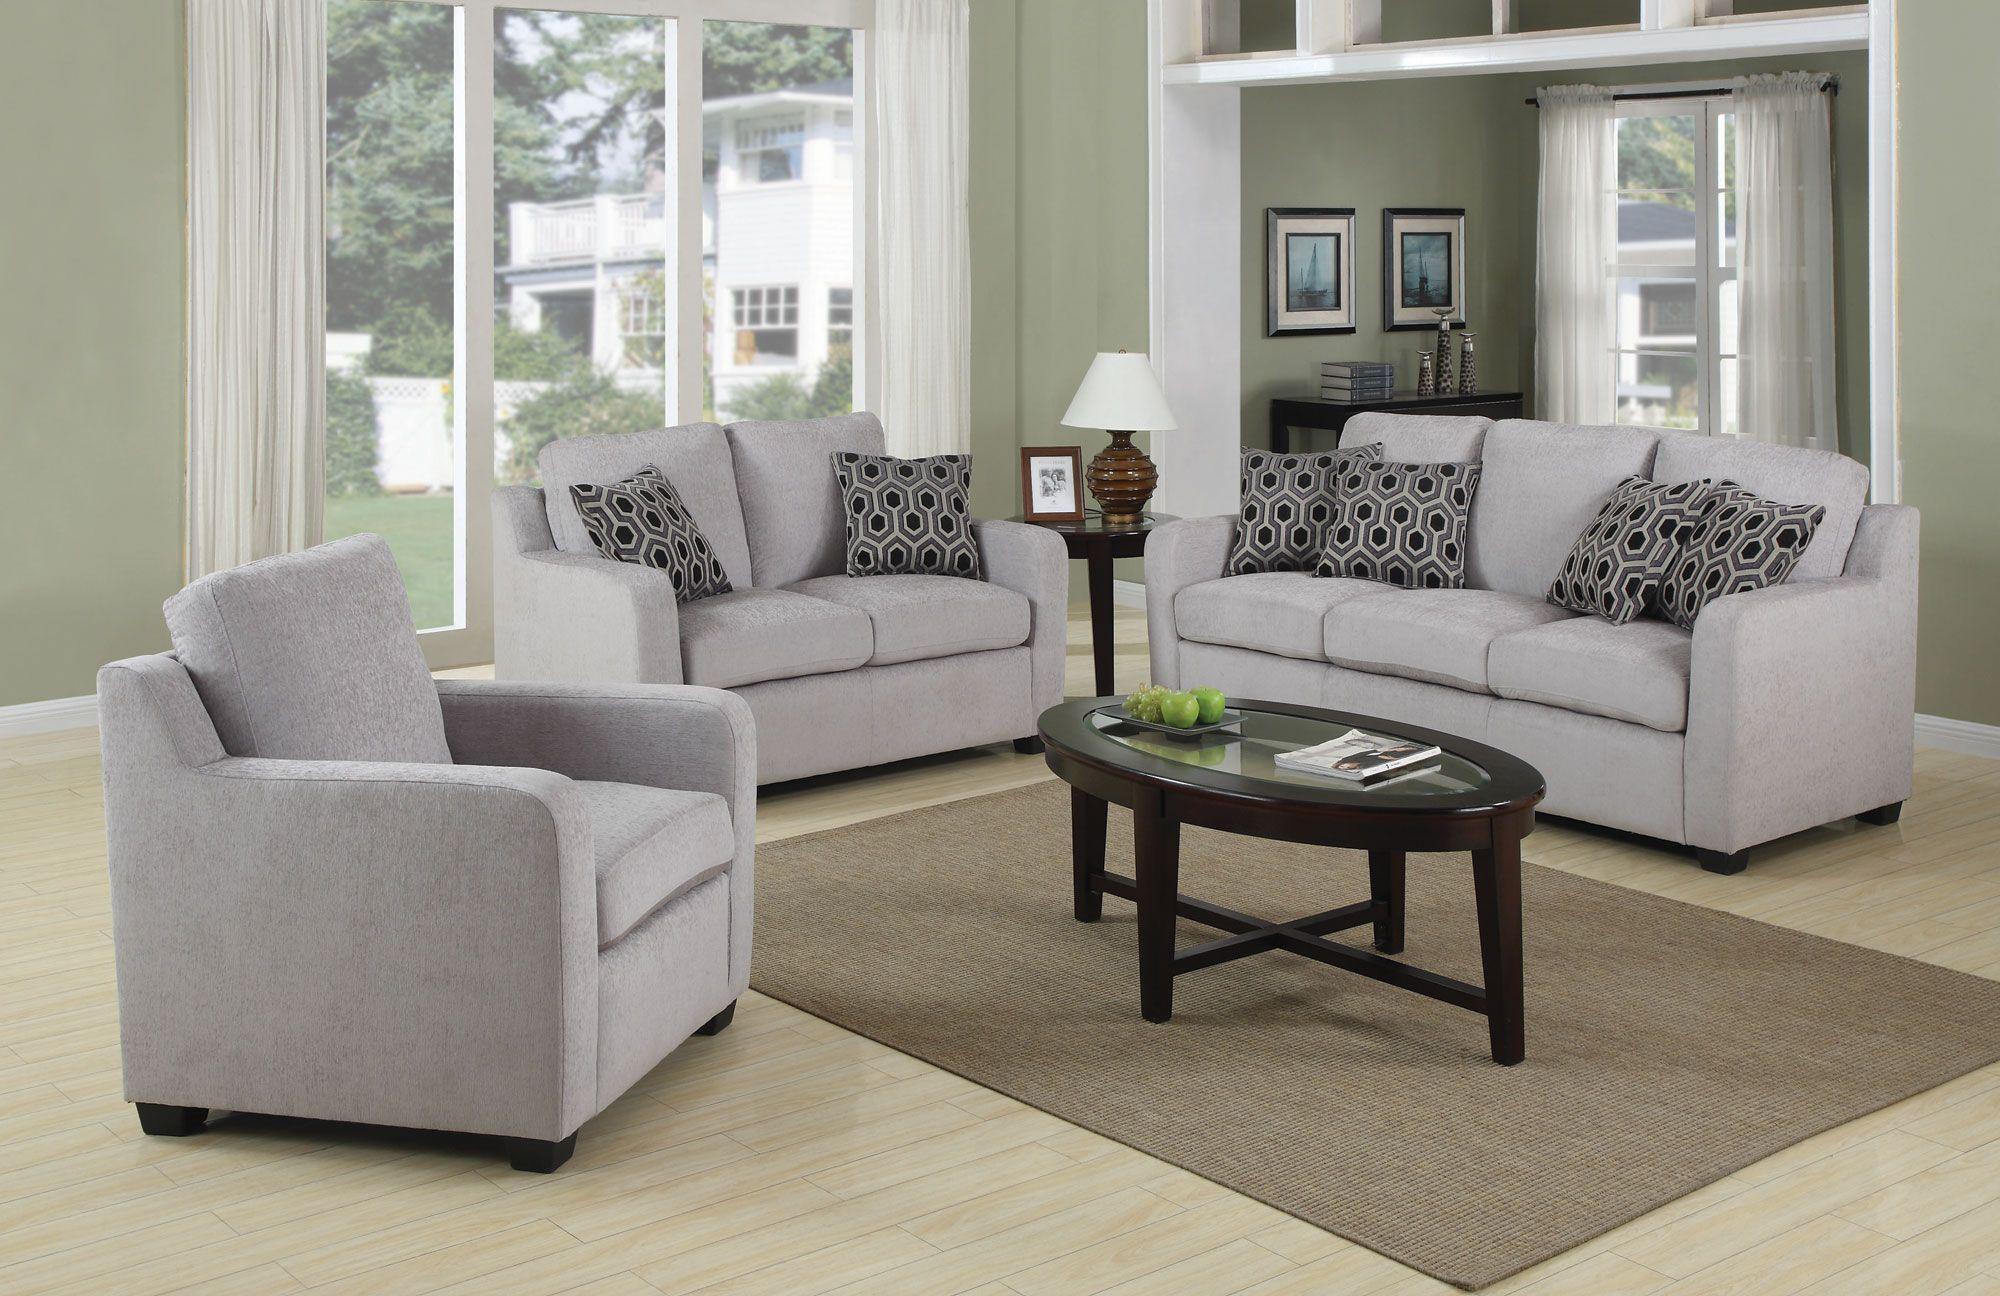 Drawn sofa interior design living room Design Ideas Sofa Best Contemporary